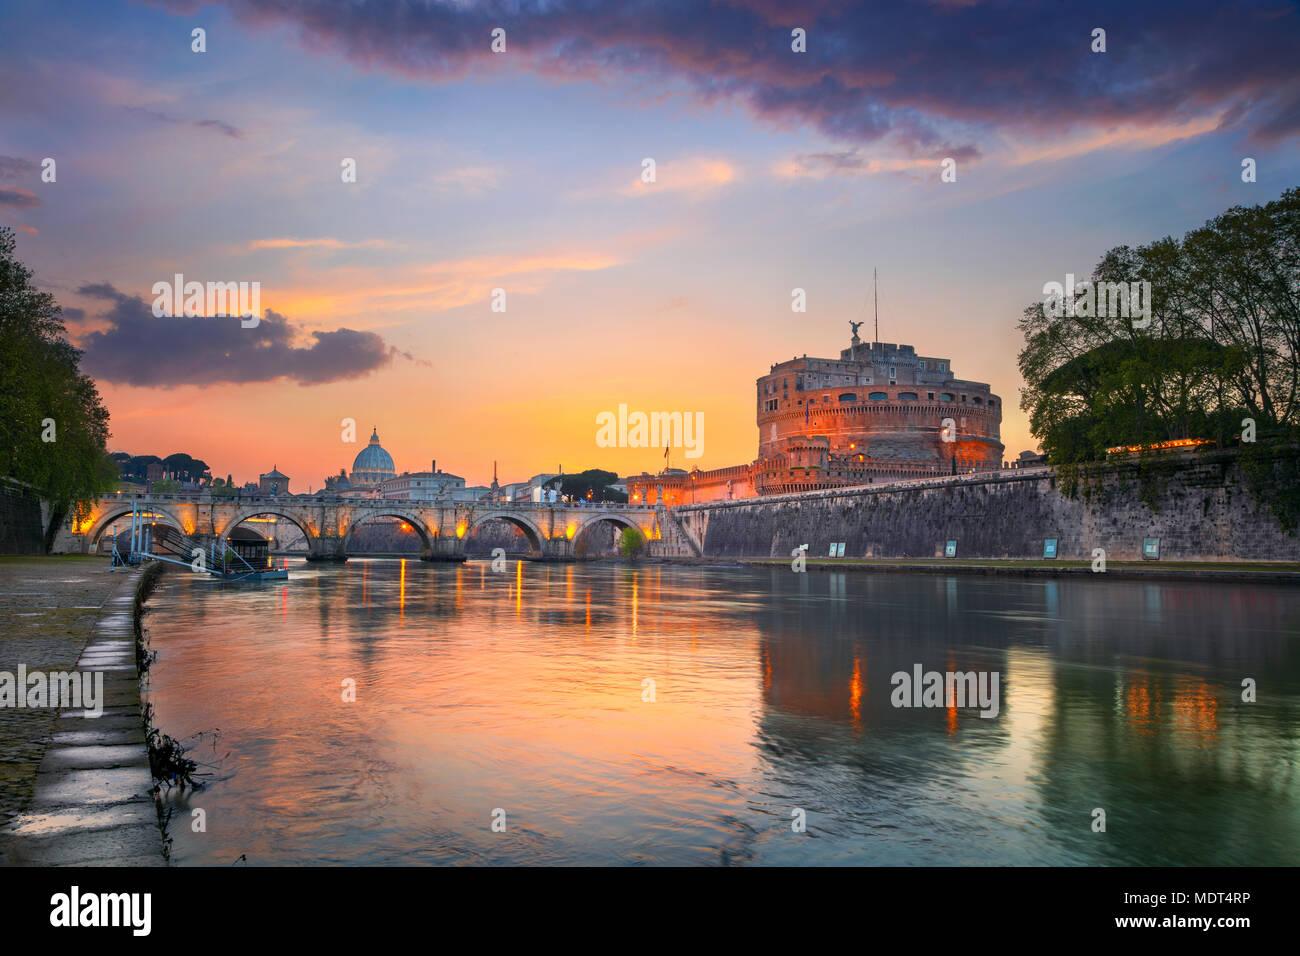 Rom. Bild der Burg der Heiligen Engel und heiligen Engel Brücke über den Tiber in Rom bei Sonnenuntergang. Stockbild